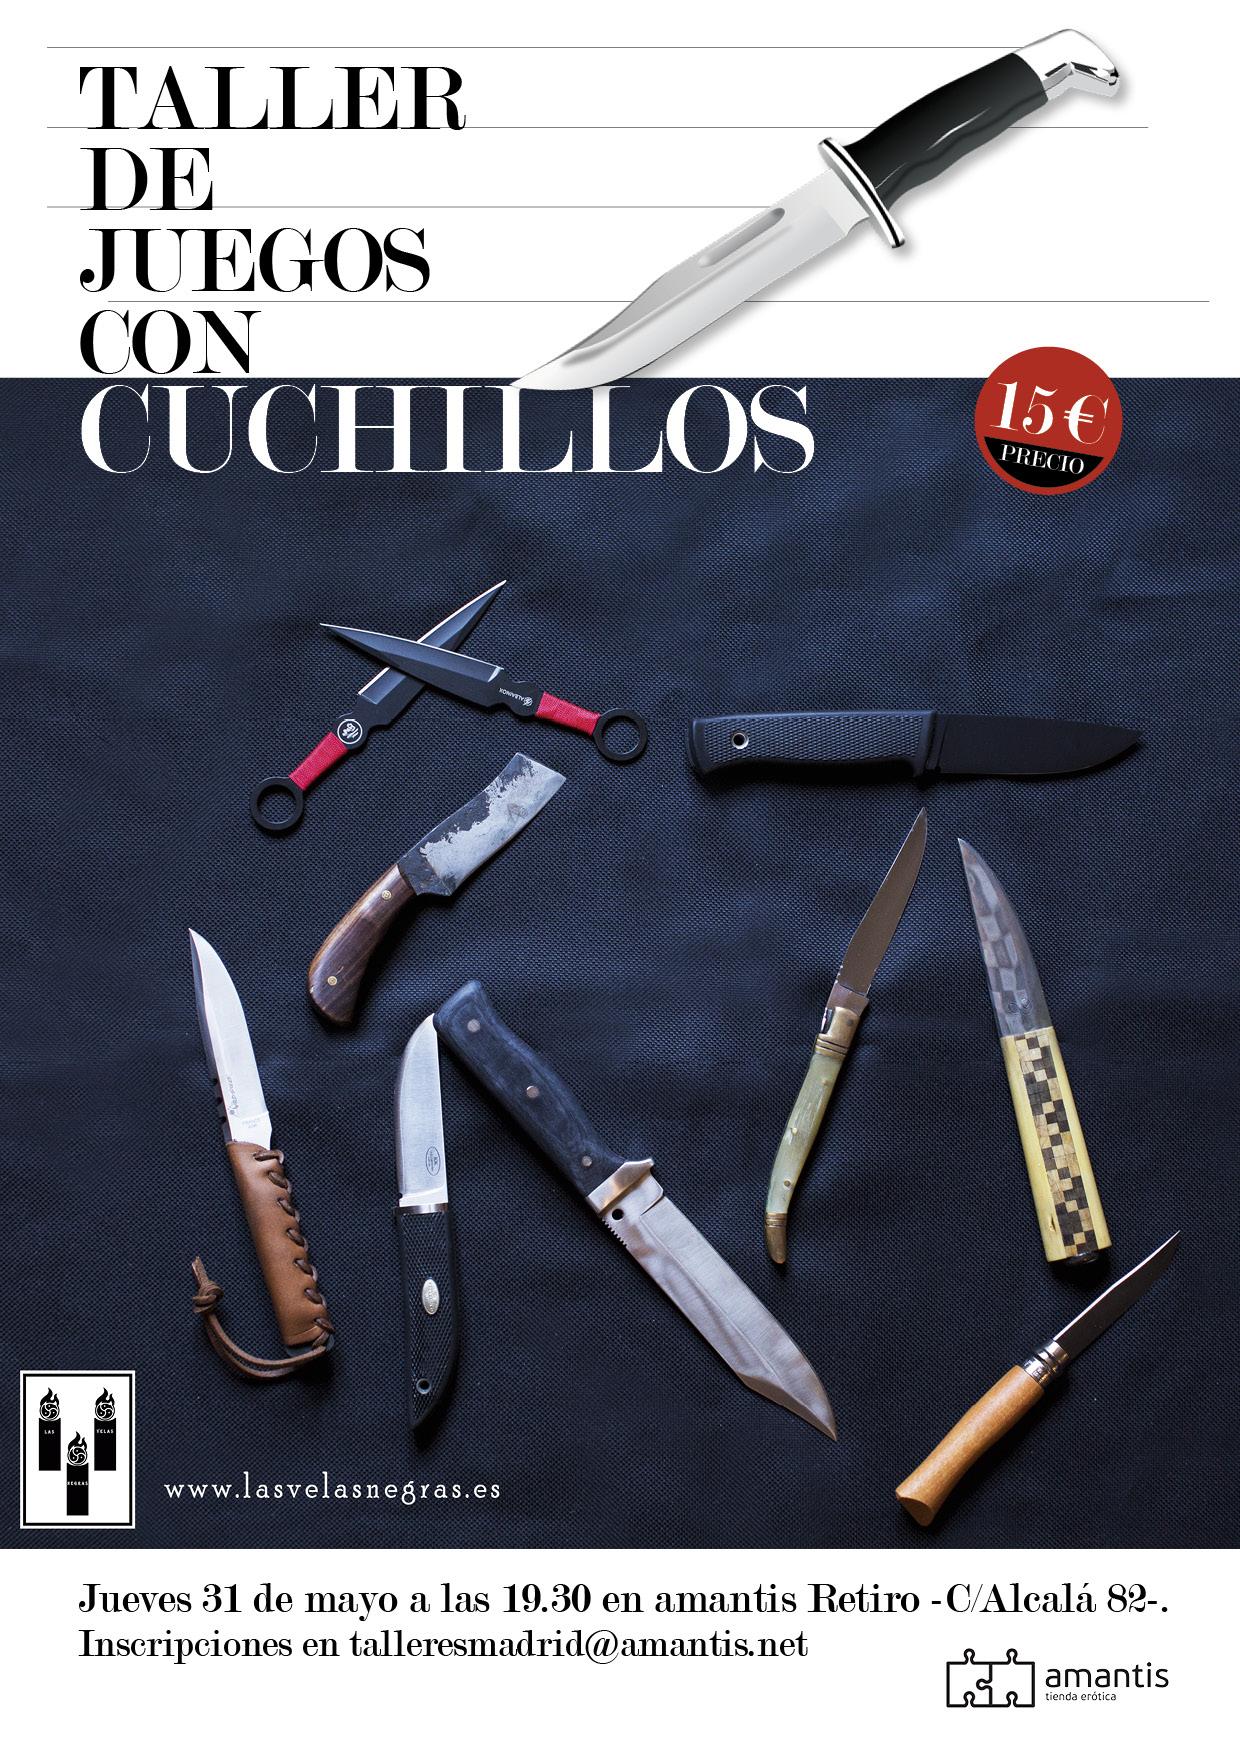 Taller de juegos con cuchillos BDSM